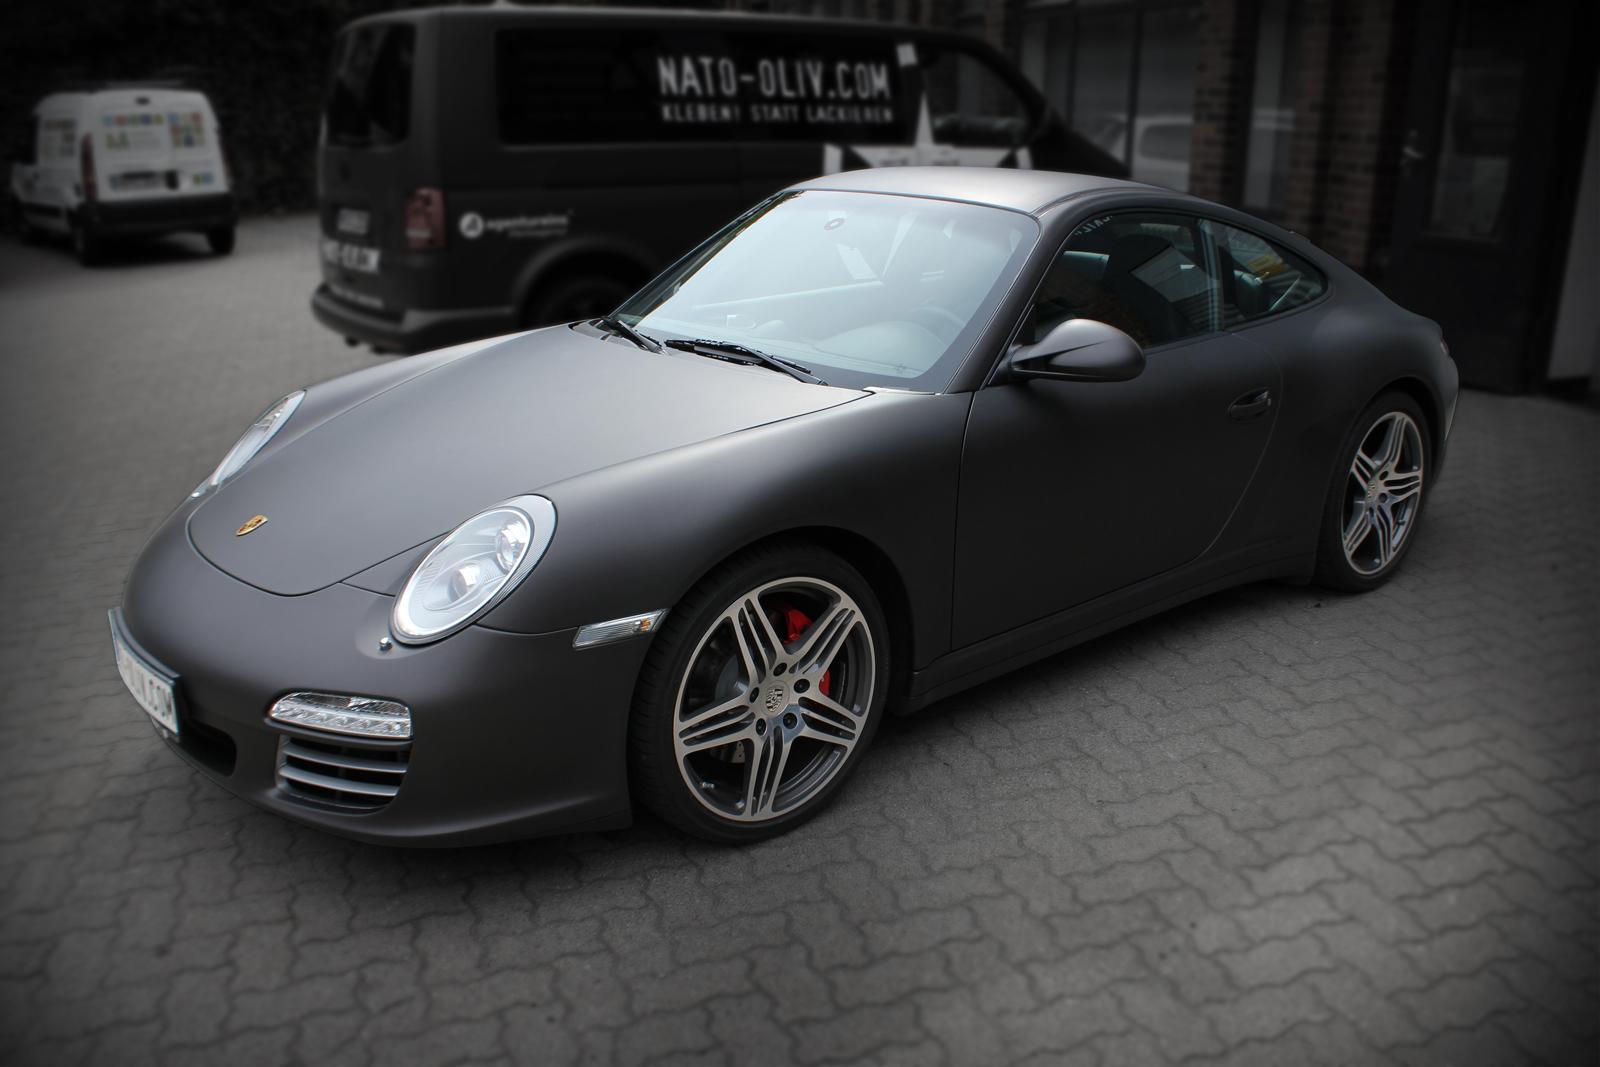 Schräge Frontalansicht des Porsche 997 mit Folie in schwarz-braun matt metallic beklebt